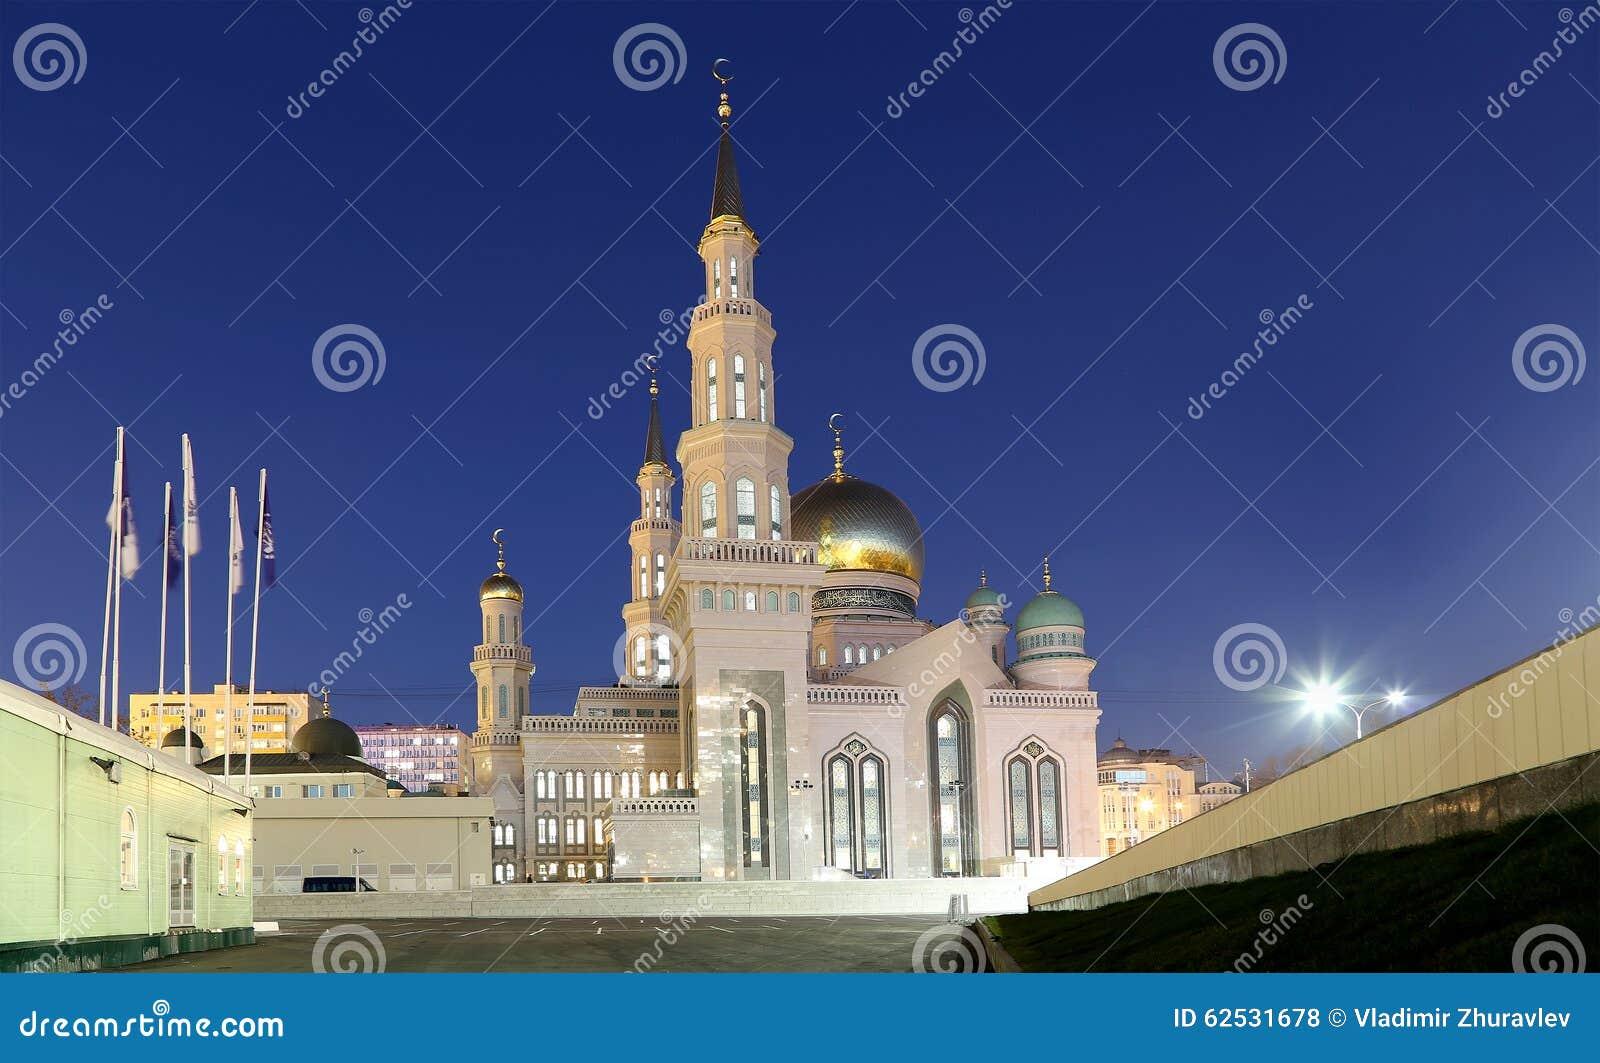 莫斯科大教堂清真寺,俄罗斯--主要清真寺在莫斯科